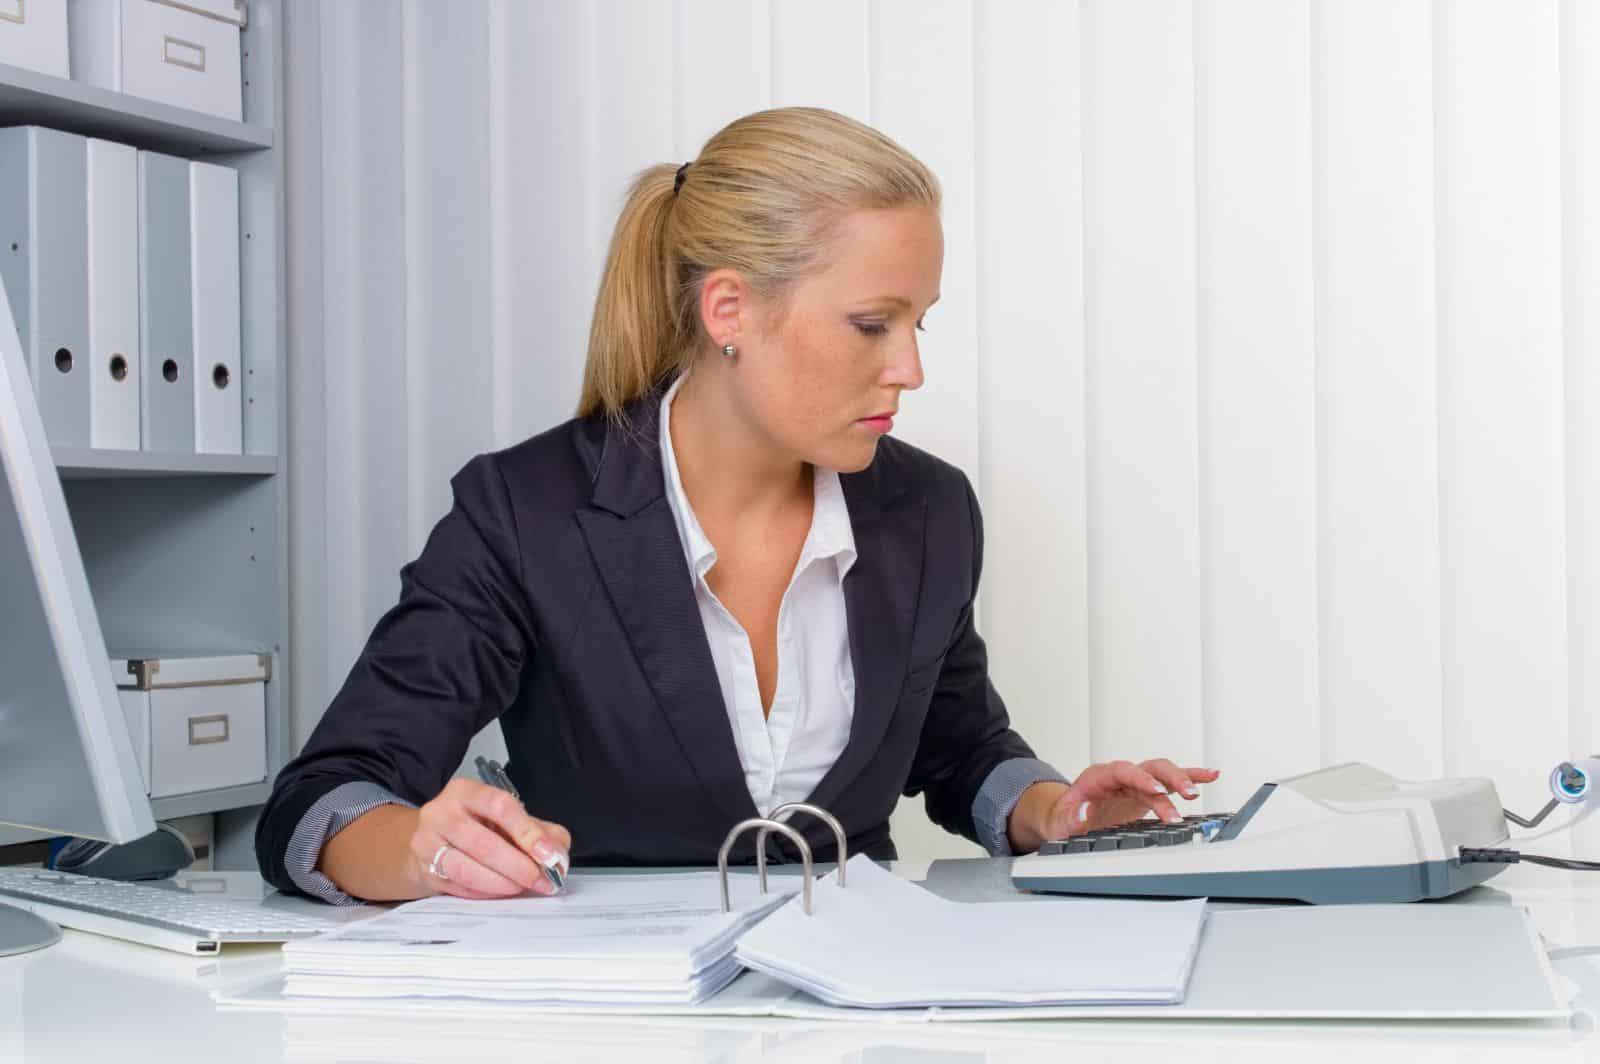 Как уволить главного бухгалтера по инициативе работодателя